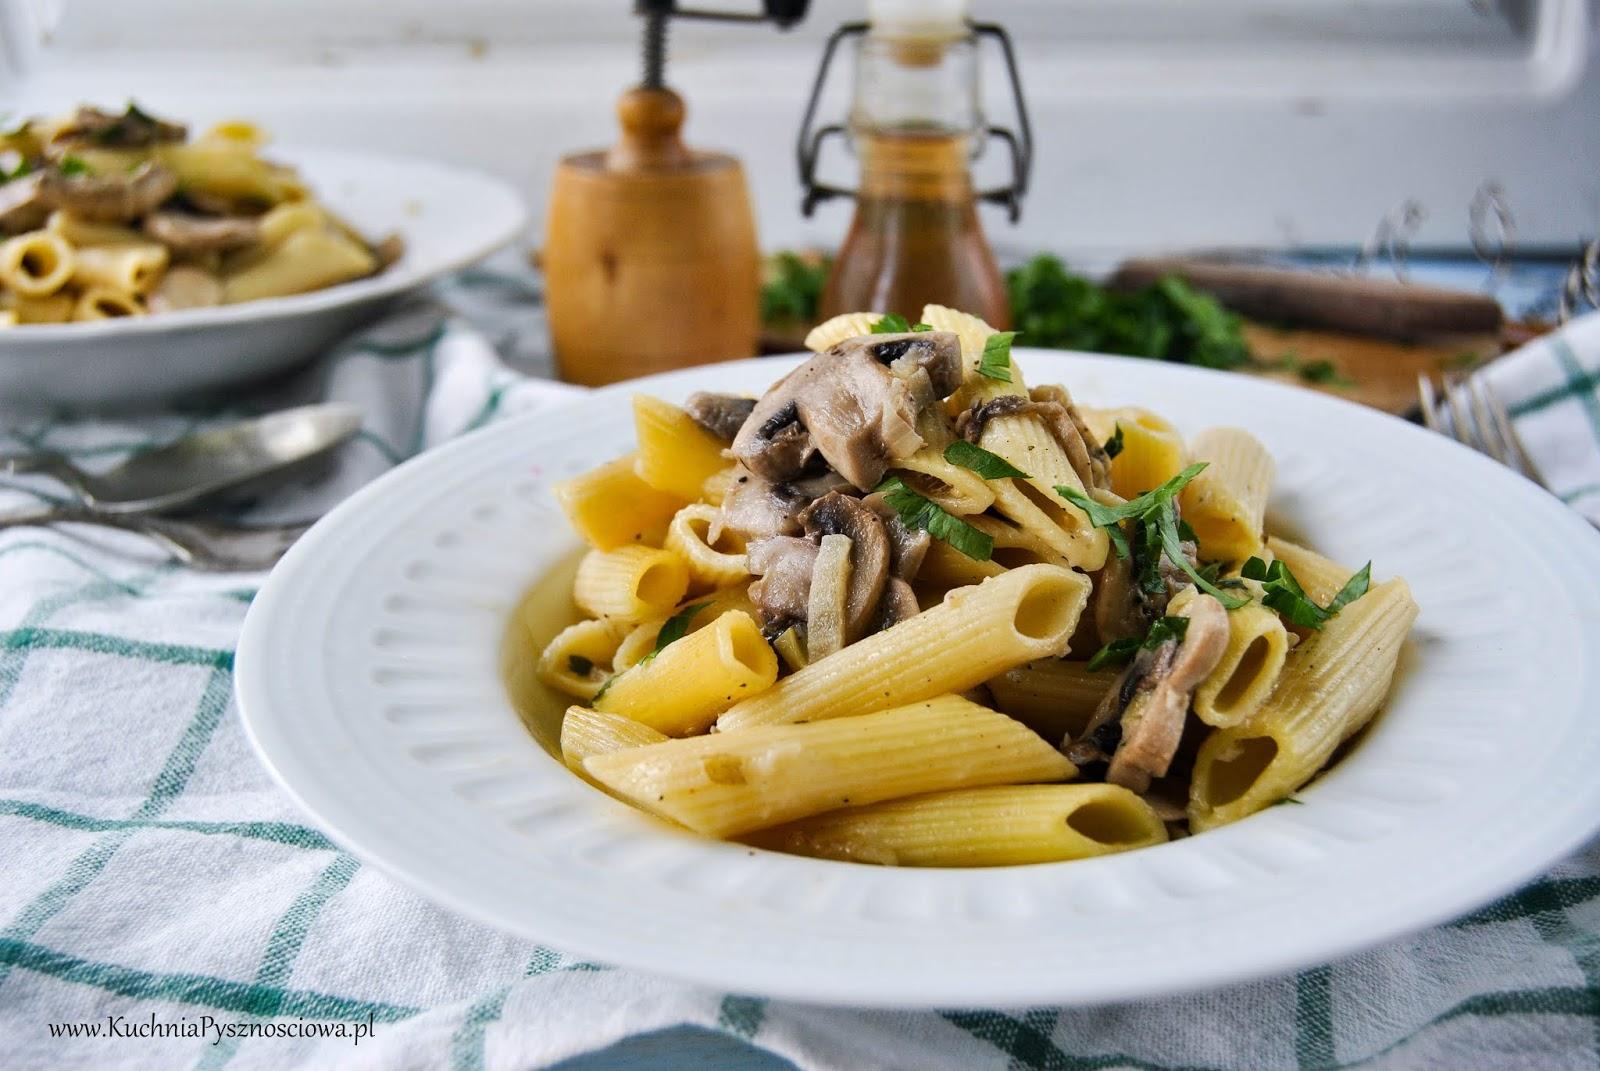 726. Makaron z pieczarkami i kurczakiem w sosie z białego wina